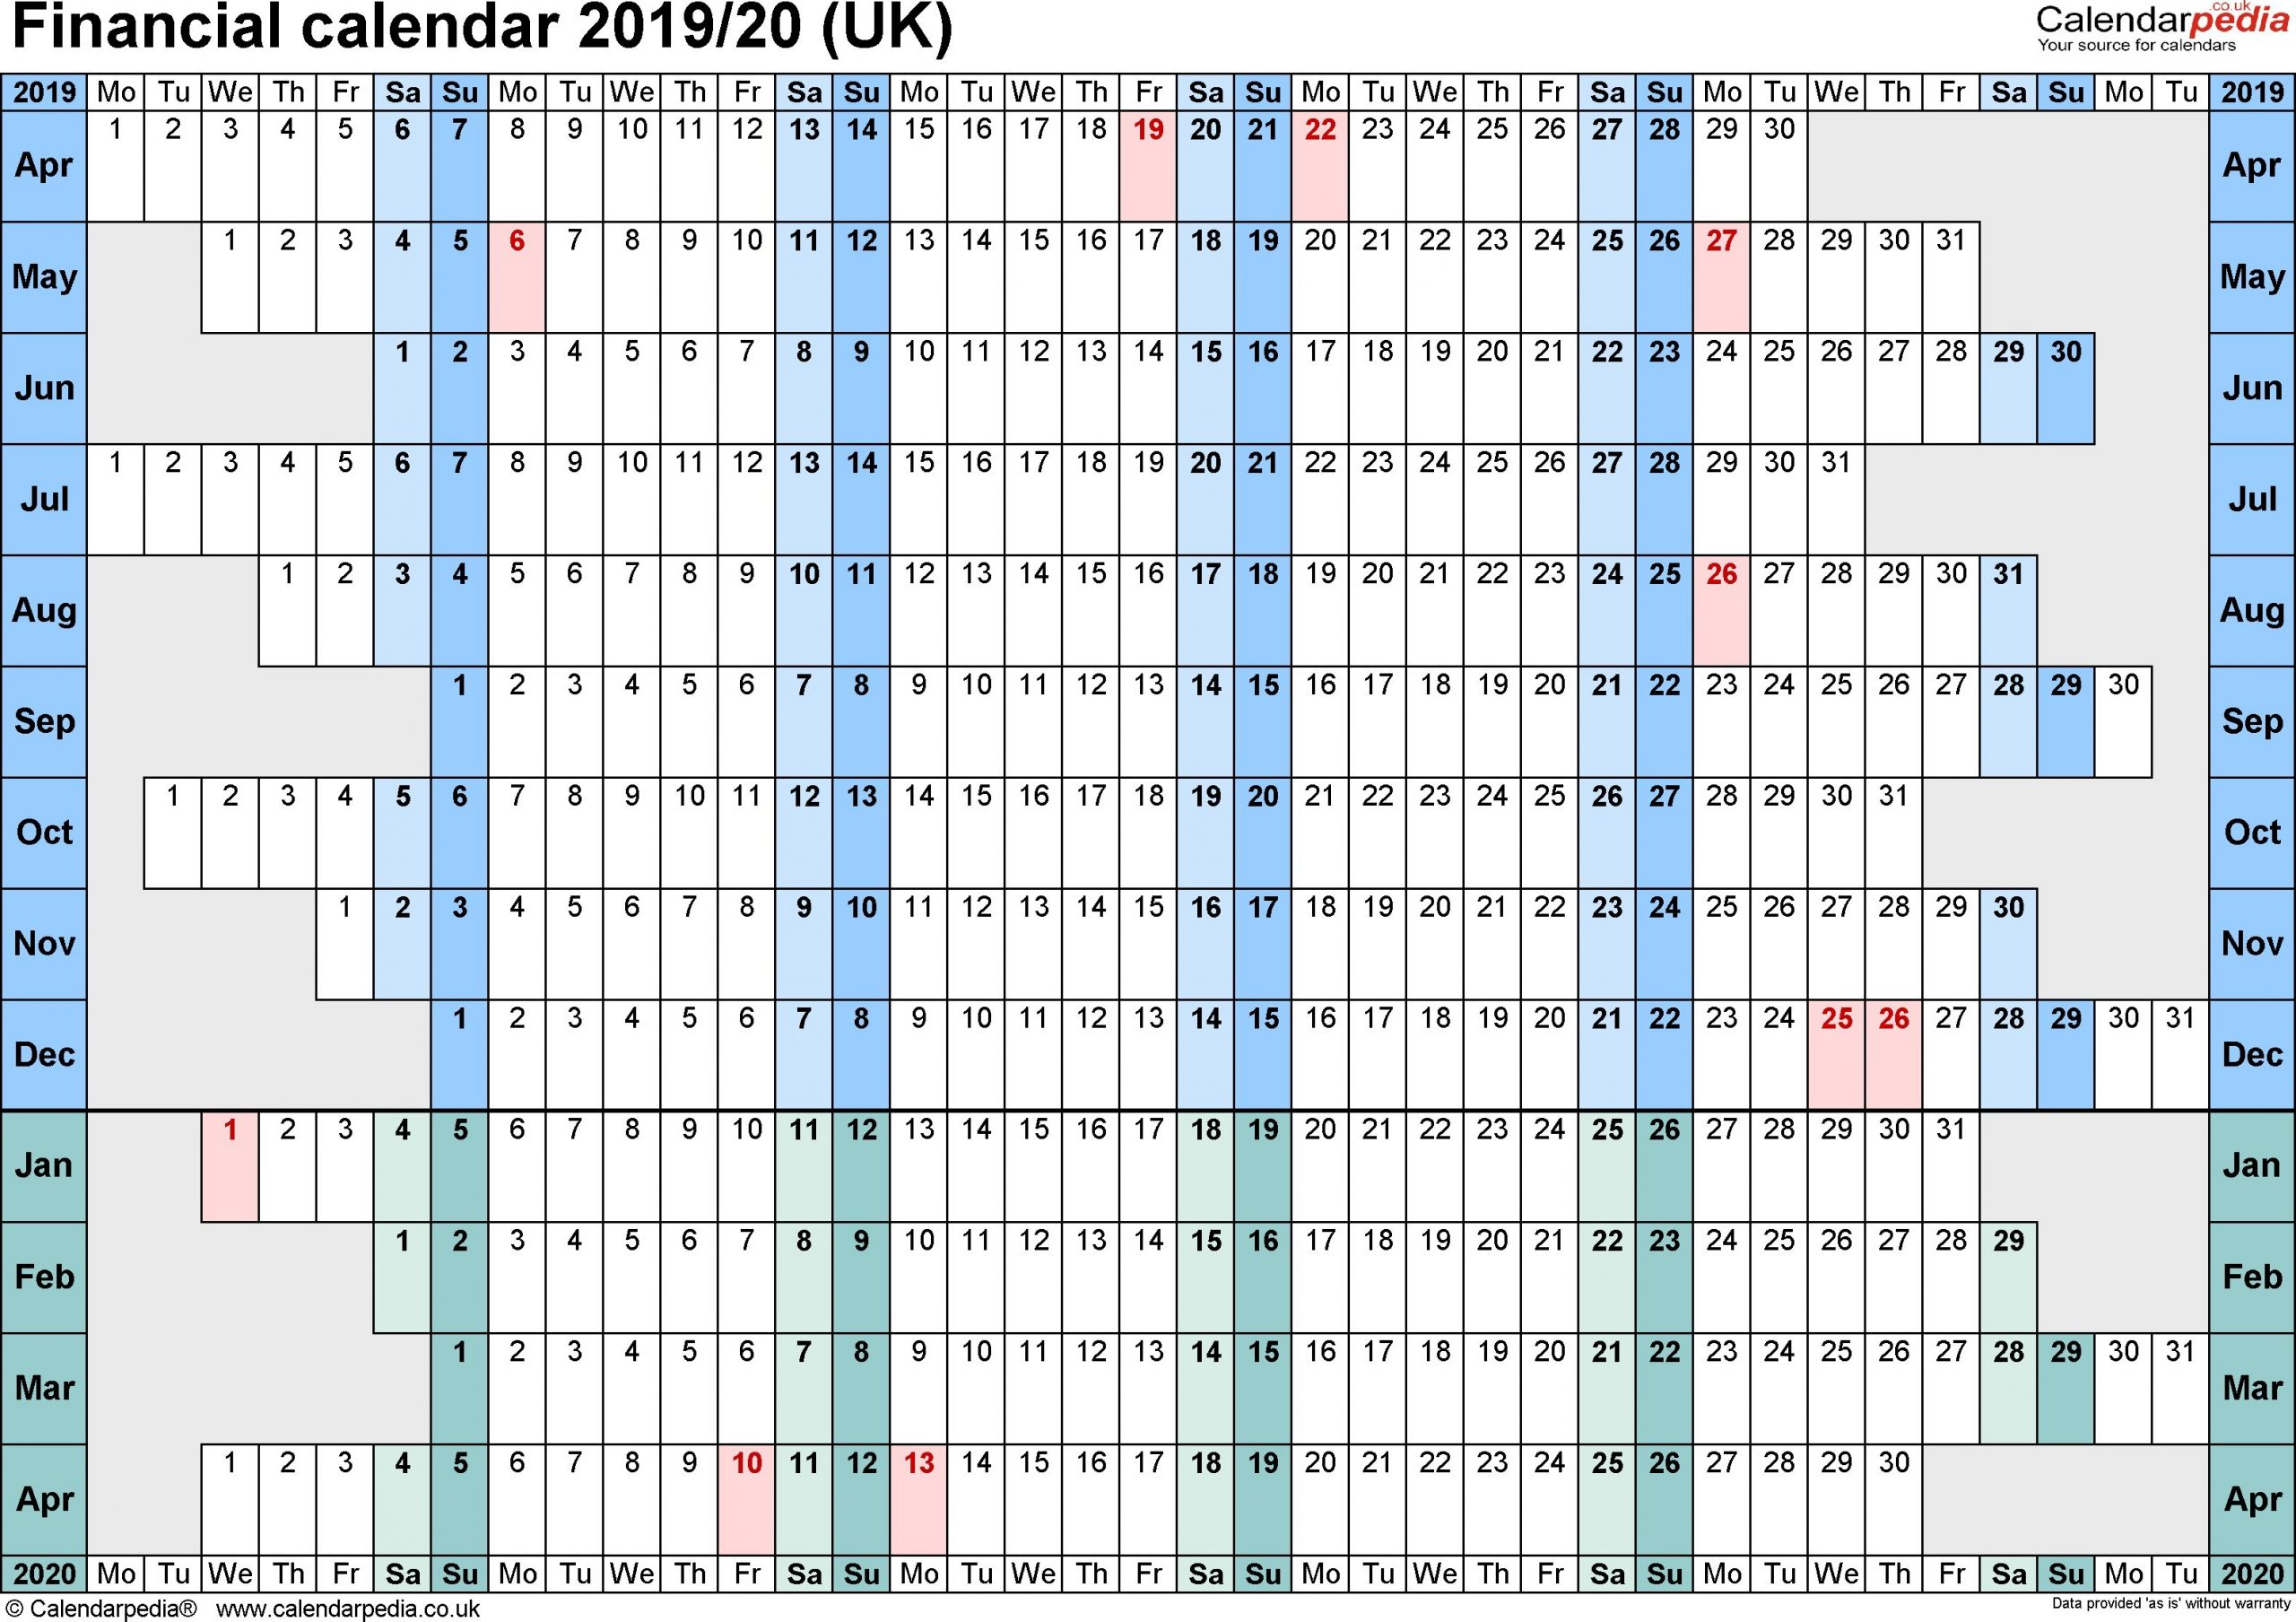 calendario 2020 y sus feriados mas recientes calendario forex 2020 of calendario 2020 y sus feriados